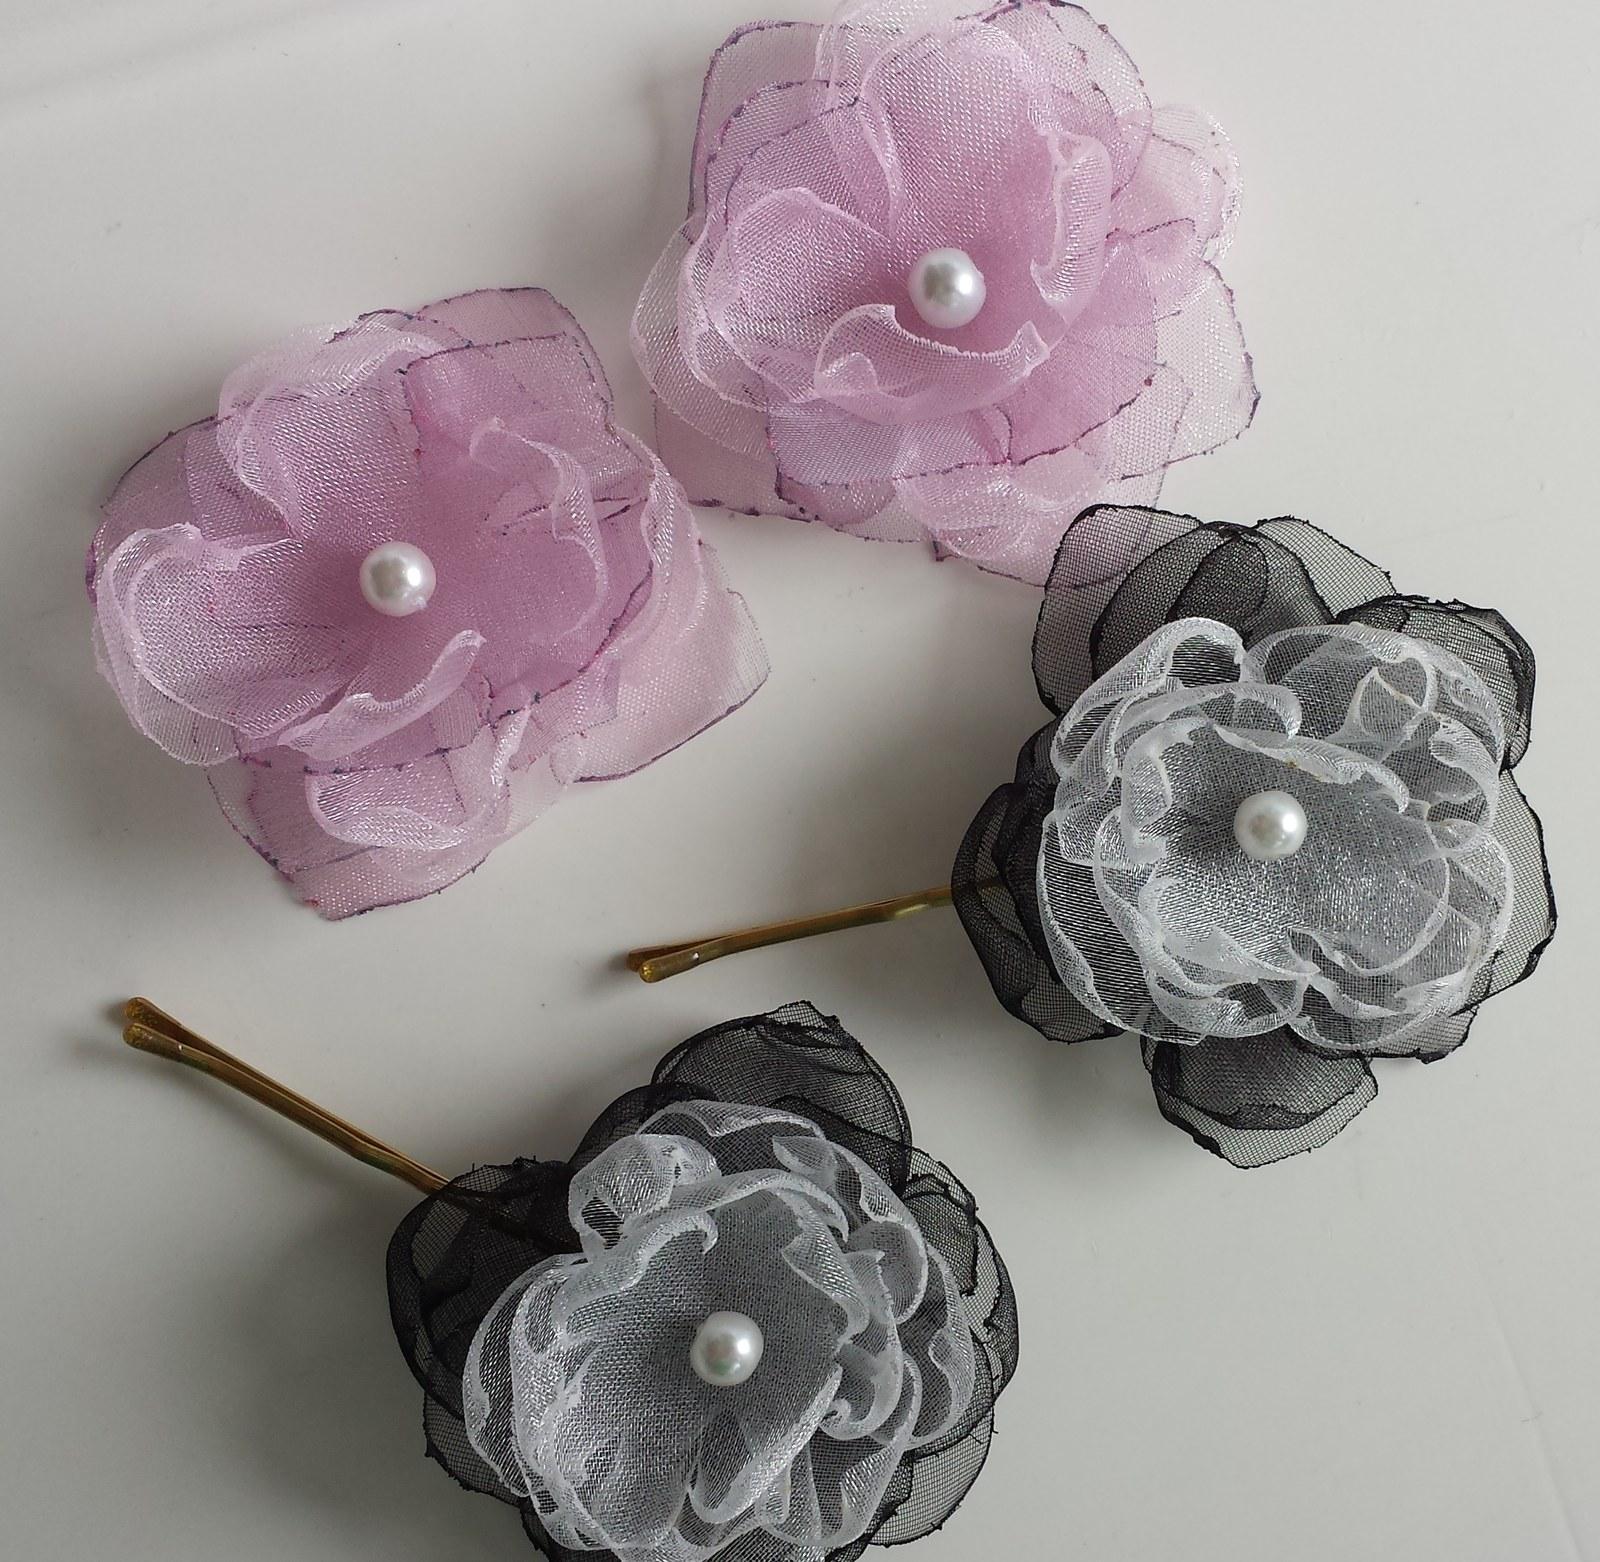 Malinová/fuchsiová kytička pro družičku do vlasů - Obrázek č. 4